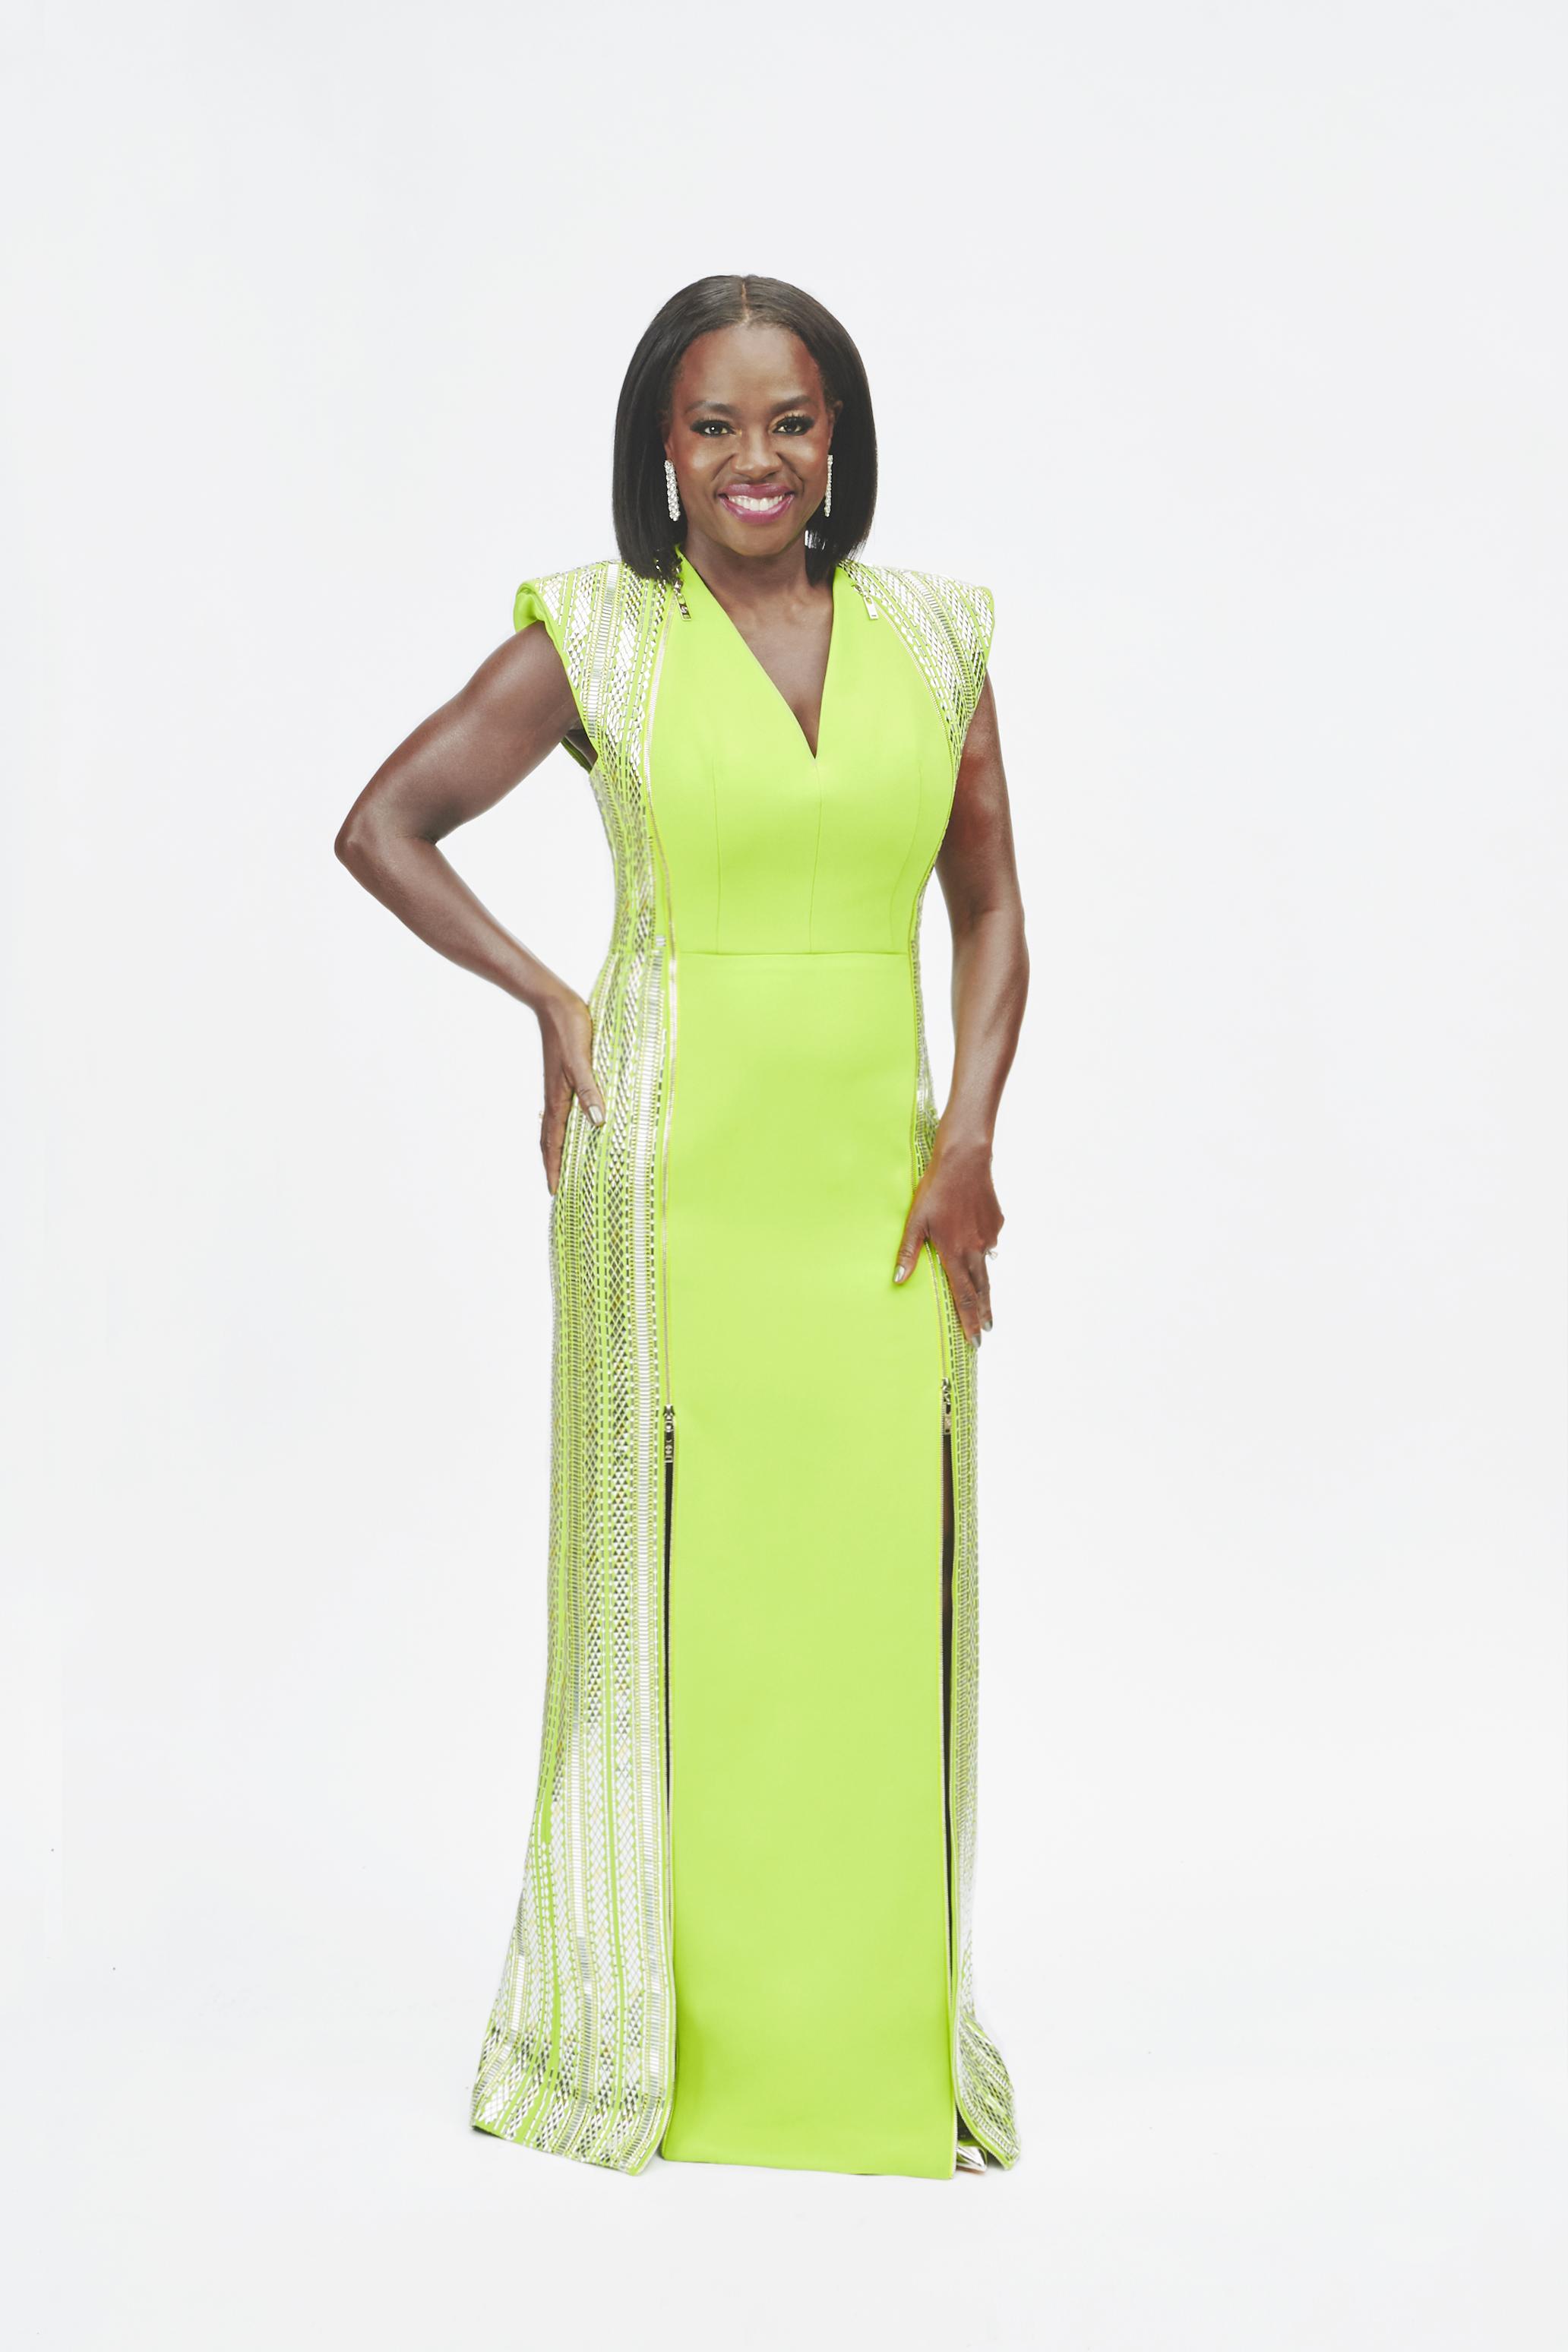 Viola Davis in Louis Vuitton